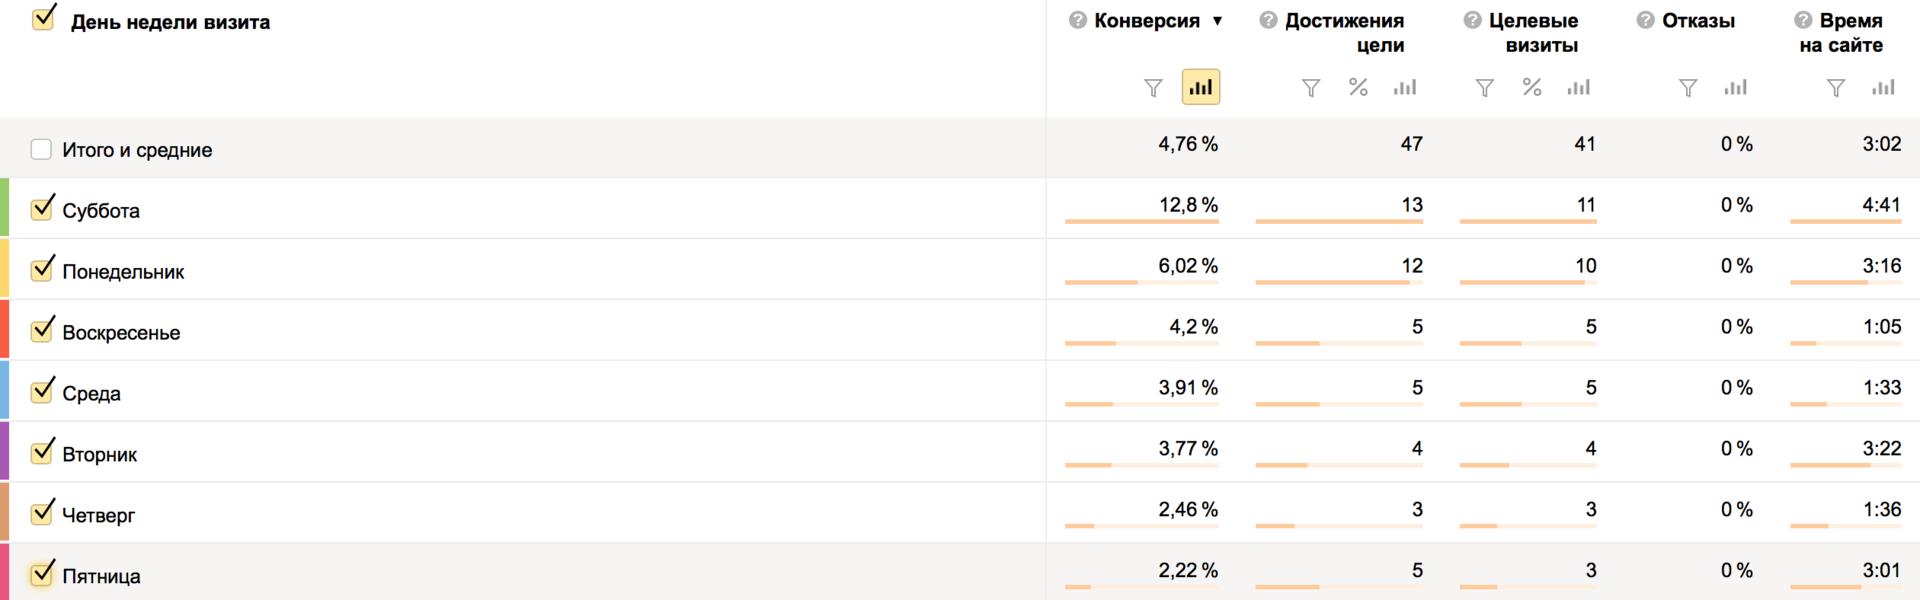 3 быстрых способа сделать вашу рекламу в Яндекс.Директ эффективнее - 2